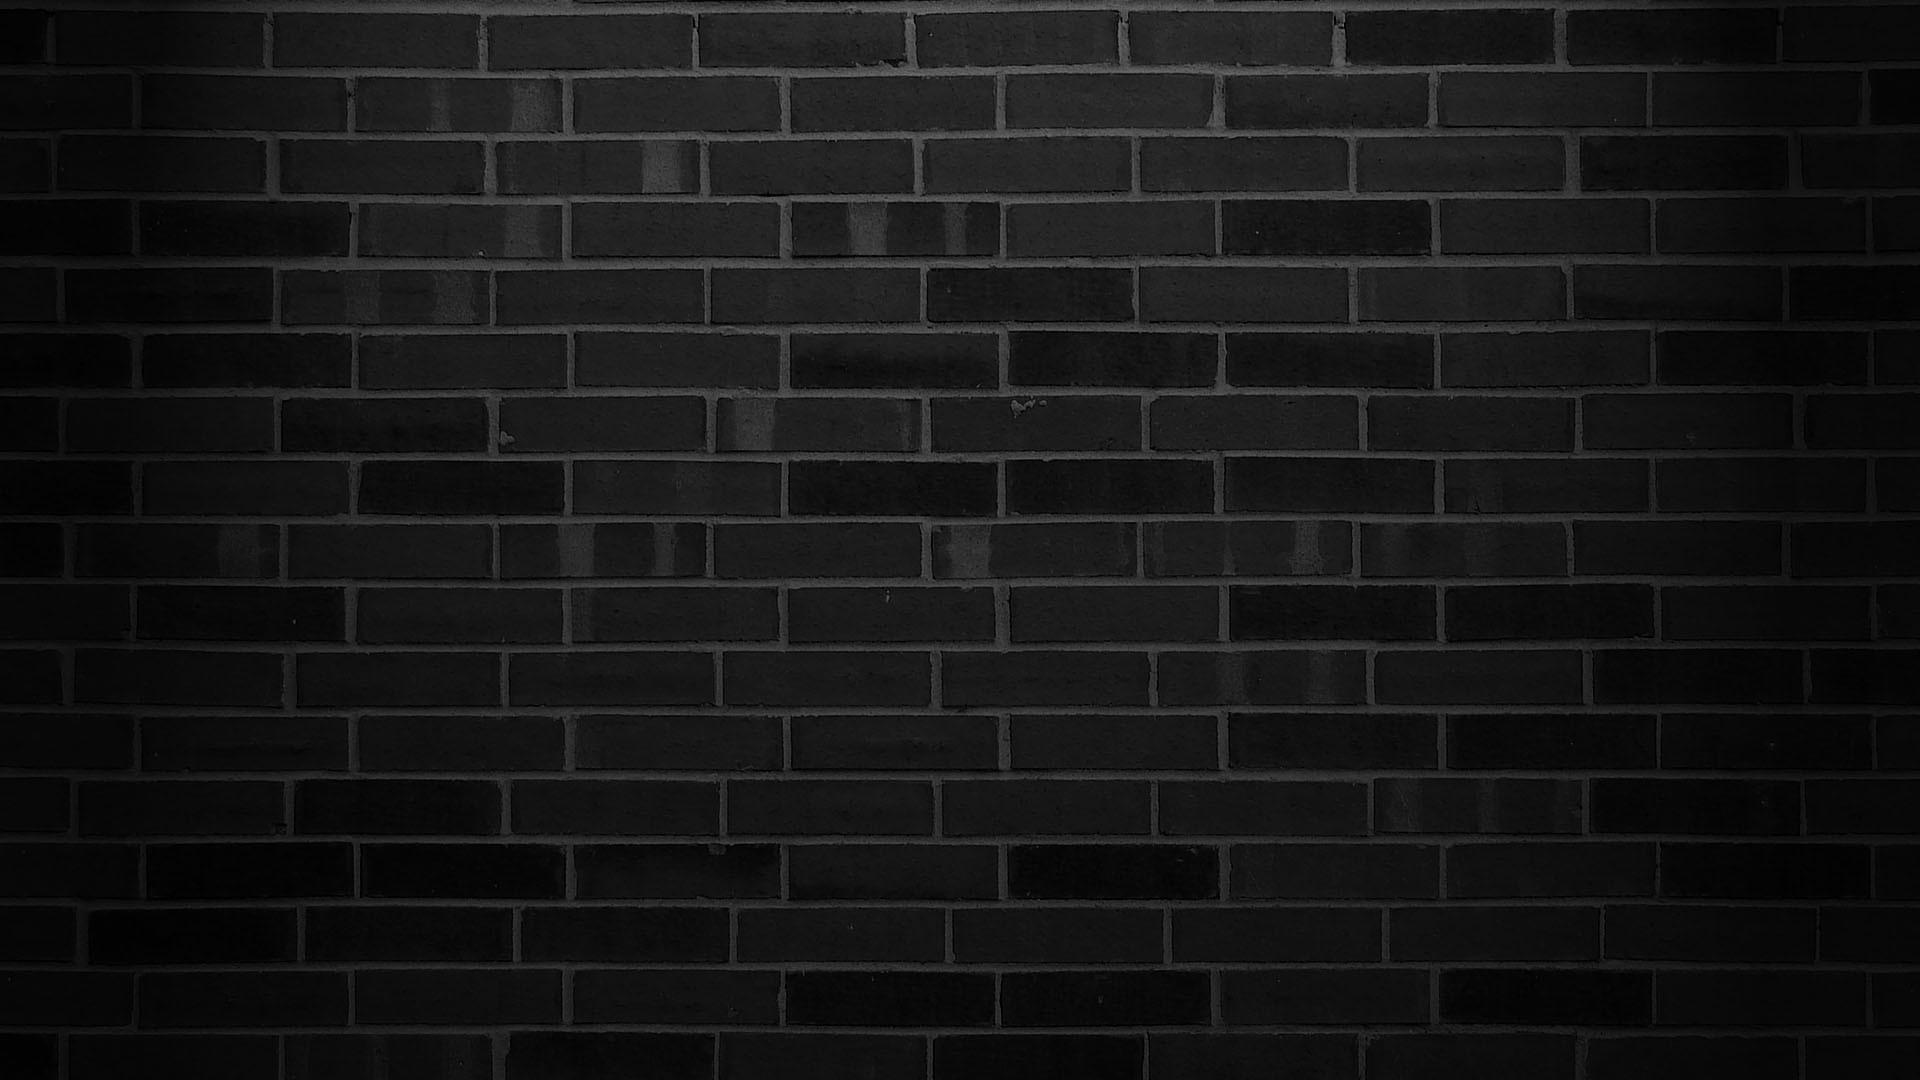 Res: 1920x1080, Brick Bricks Pattern Wallpaper  340x220